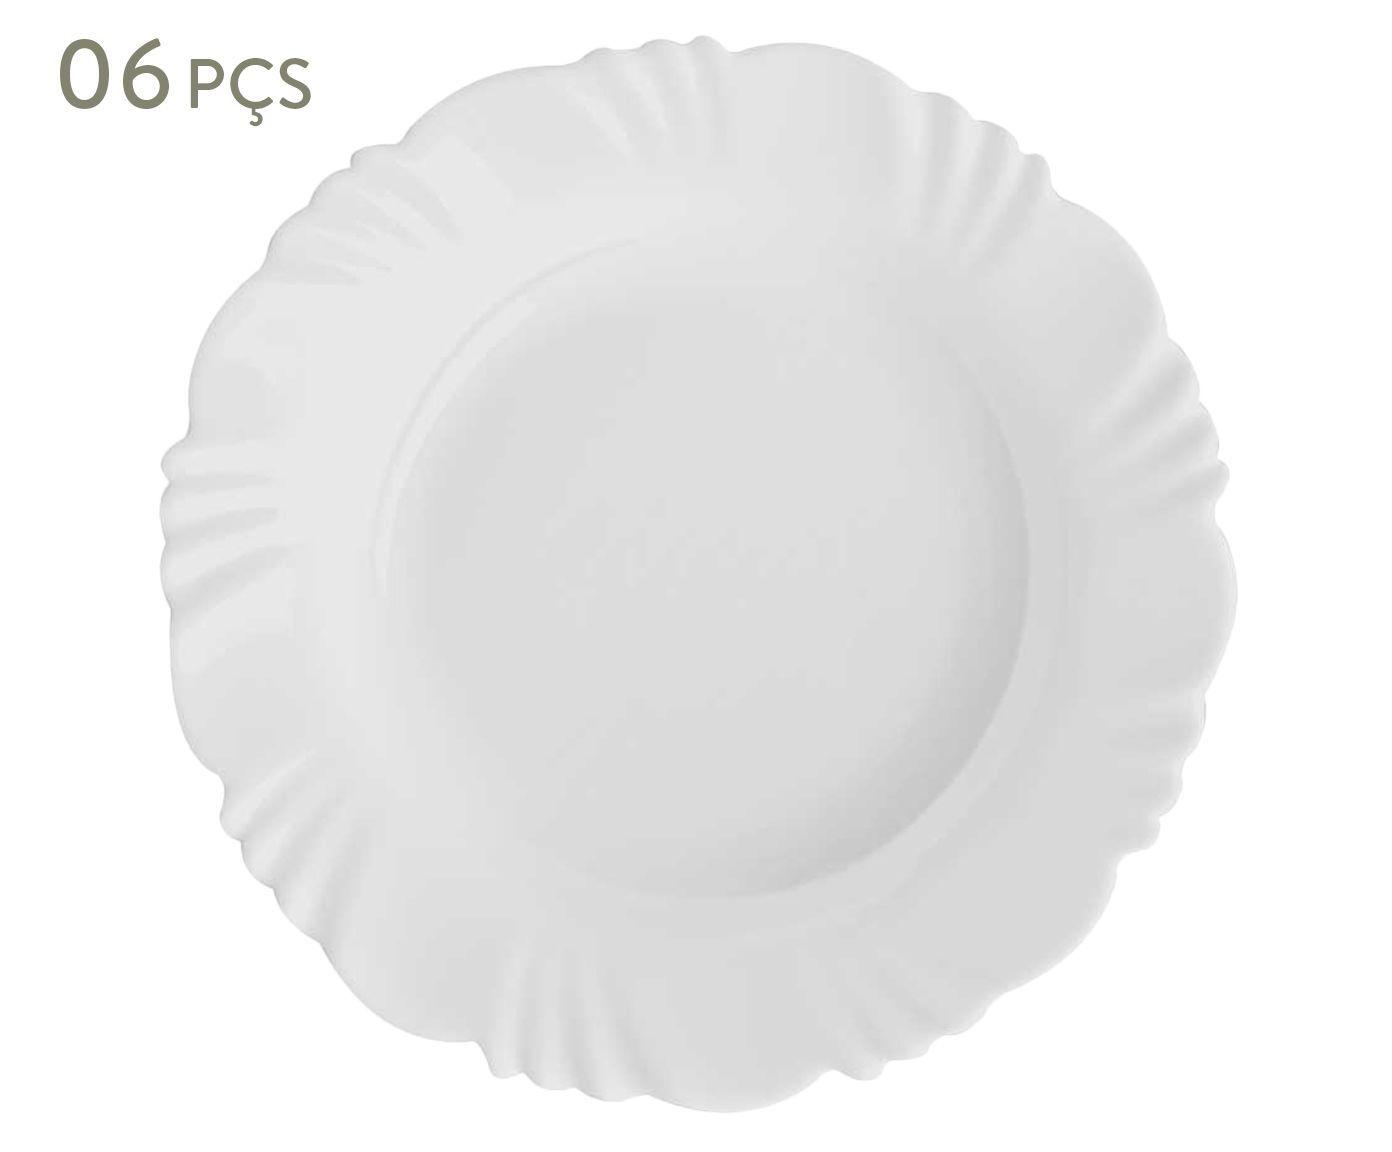 Conjunto de pratos fundos bott - duralex   Westwing.com.br